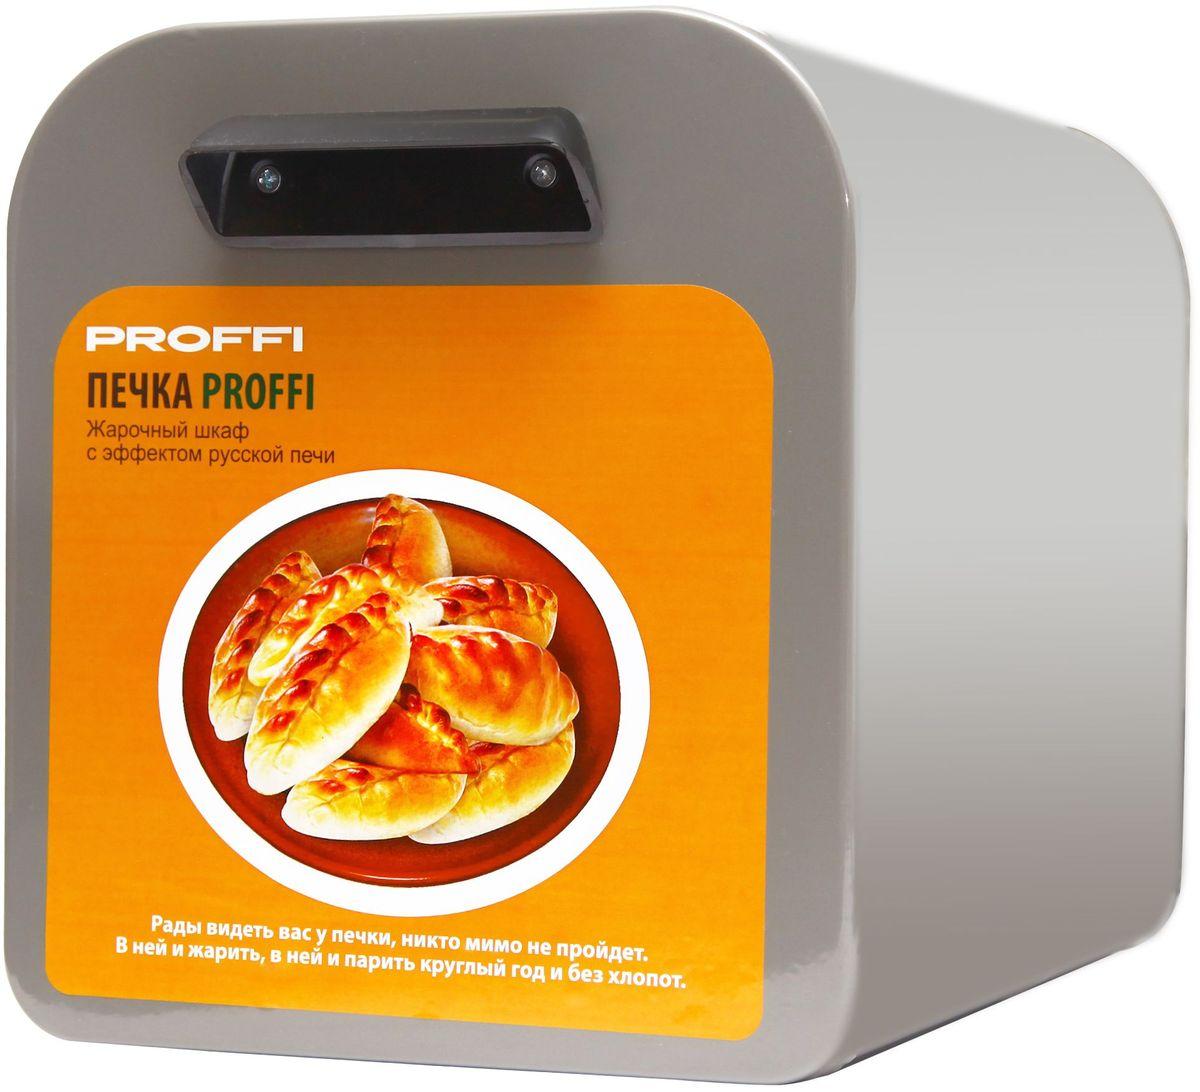 Печка Proffi. PH7567PH7567Печка PROFFI предназначена для выпечки в домашних условиях различных изделий из теста, а также для запекания картофеля и приготовления блюд из мяса, птицы, рыбы. Также в нем можно сушить ягоды, грибы и фрукты. Эффект русской печки. Основные преимущества: 1. Высокие вкусовые качества приготовленных блюд. 2. Увеличенный срок службы (до 20 лет). 3. Гарантийный срок - 24 месяца. 4. Низкое энергопотребление. 5. Отсутствие микроволн. 6. Легкость и простота эксплуатации. Технические характеристики: Размер жарочного шкафа: 350 x 250 x 280 мм. Внутренние размеры: 315 x 205 x 205 мм. Масса: 6 кг. Номинальное напряжение: 220 В. Номинальная потребляемая мощность: 0,625 кВт. Время разогрева до температуры 250 С: 20 мин.